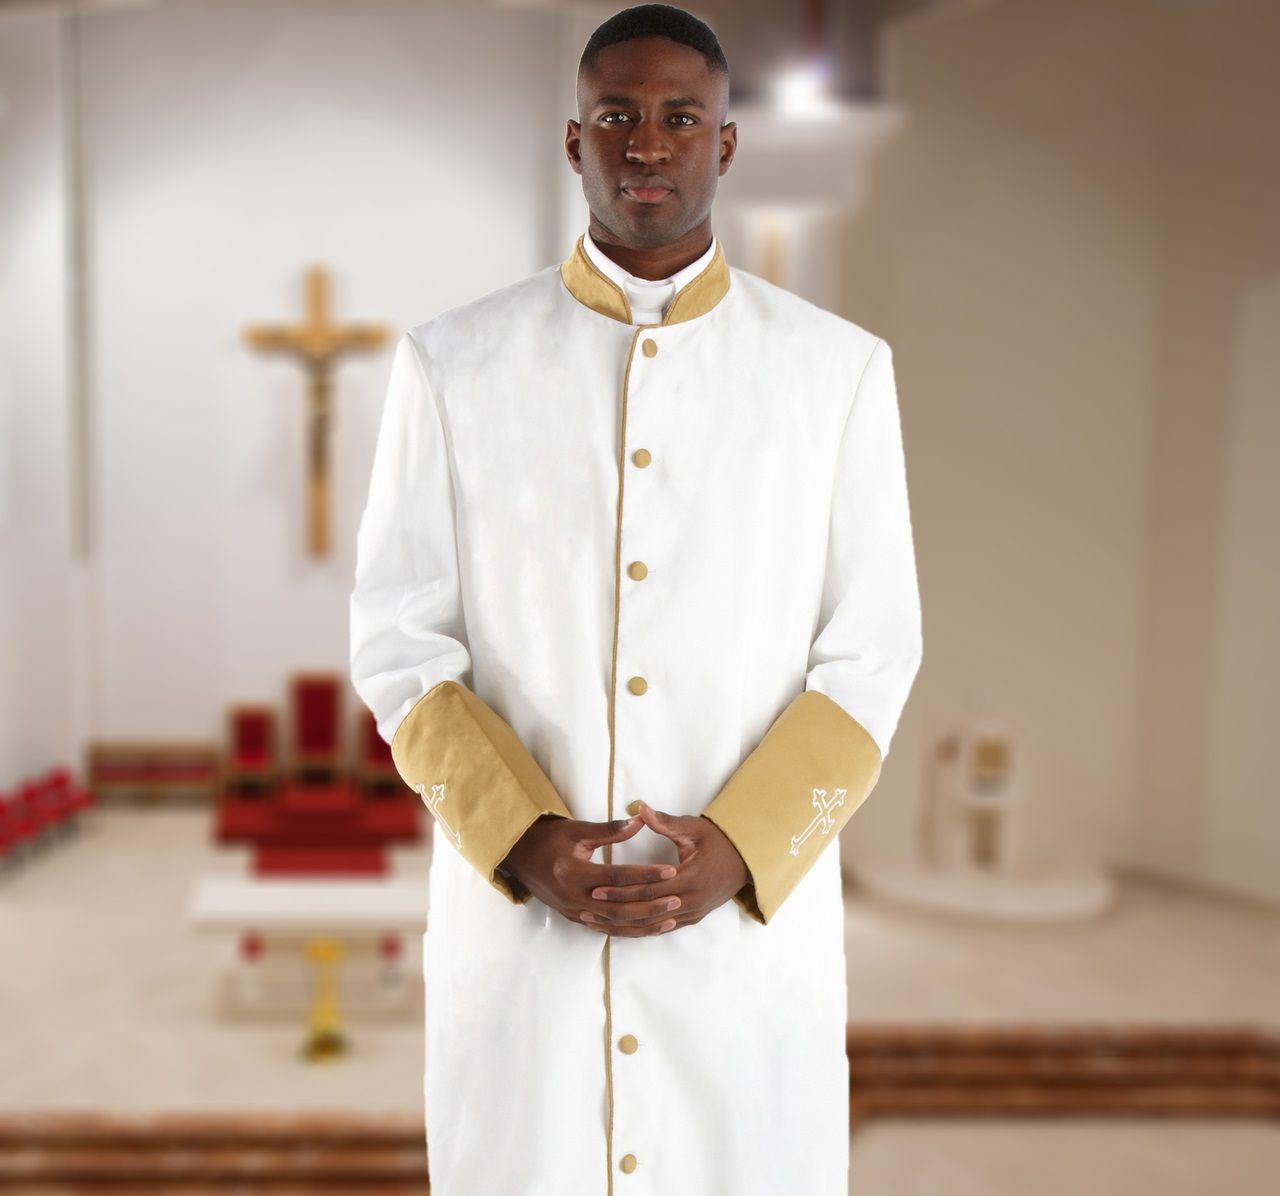 310 M. Men's Clergy Robe - White/Gold Cuffs